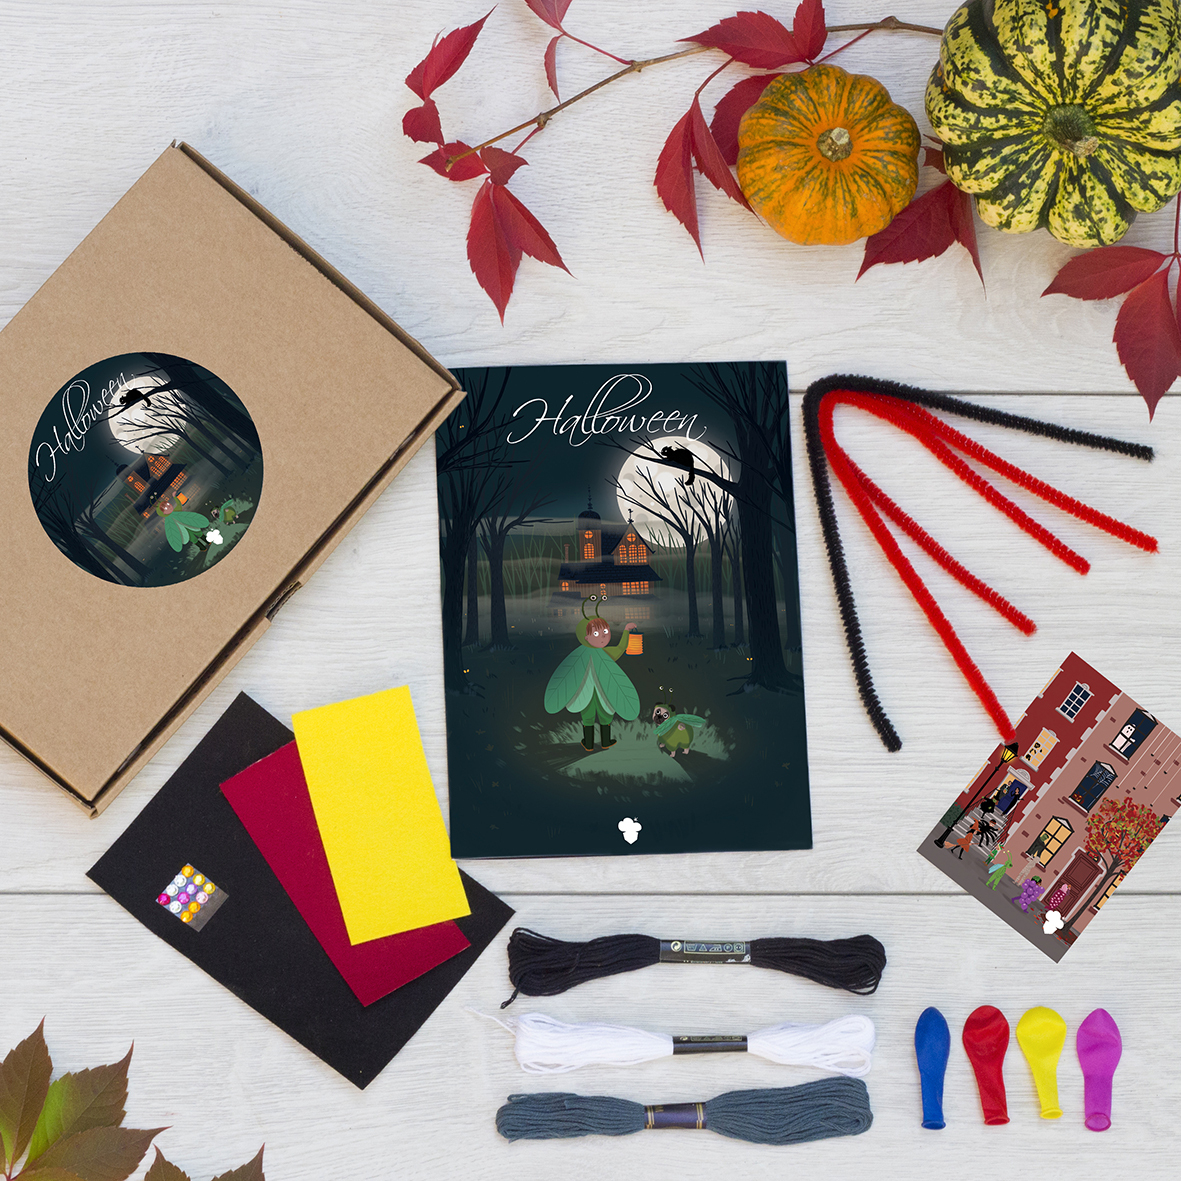 Le Kit Créatif Halloween Pour Les Enfants De 5 À 12 Ans dedans Activité Manuel Pour Enfant